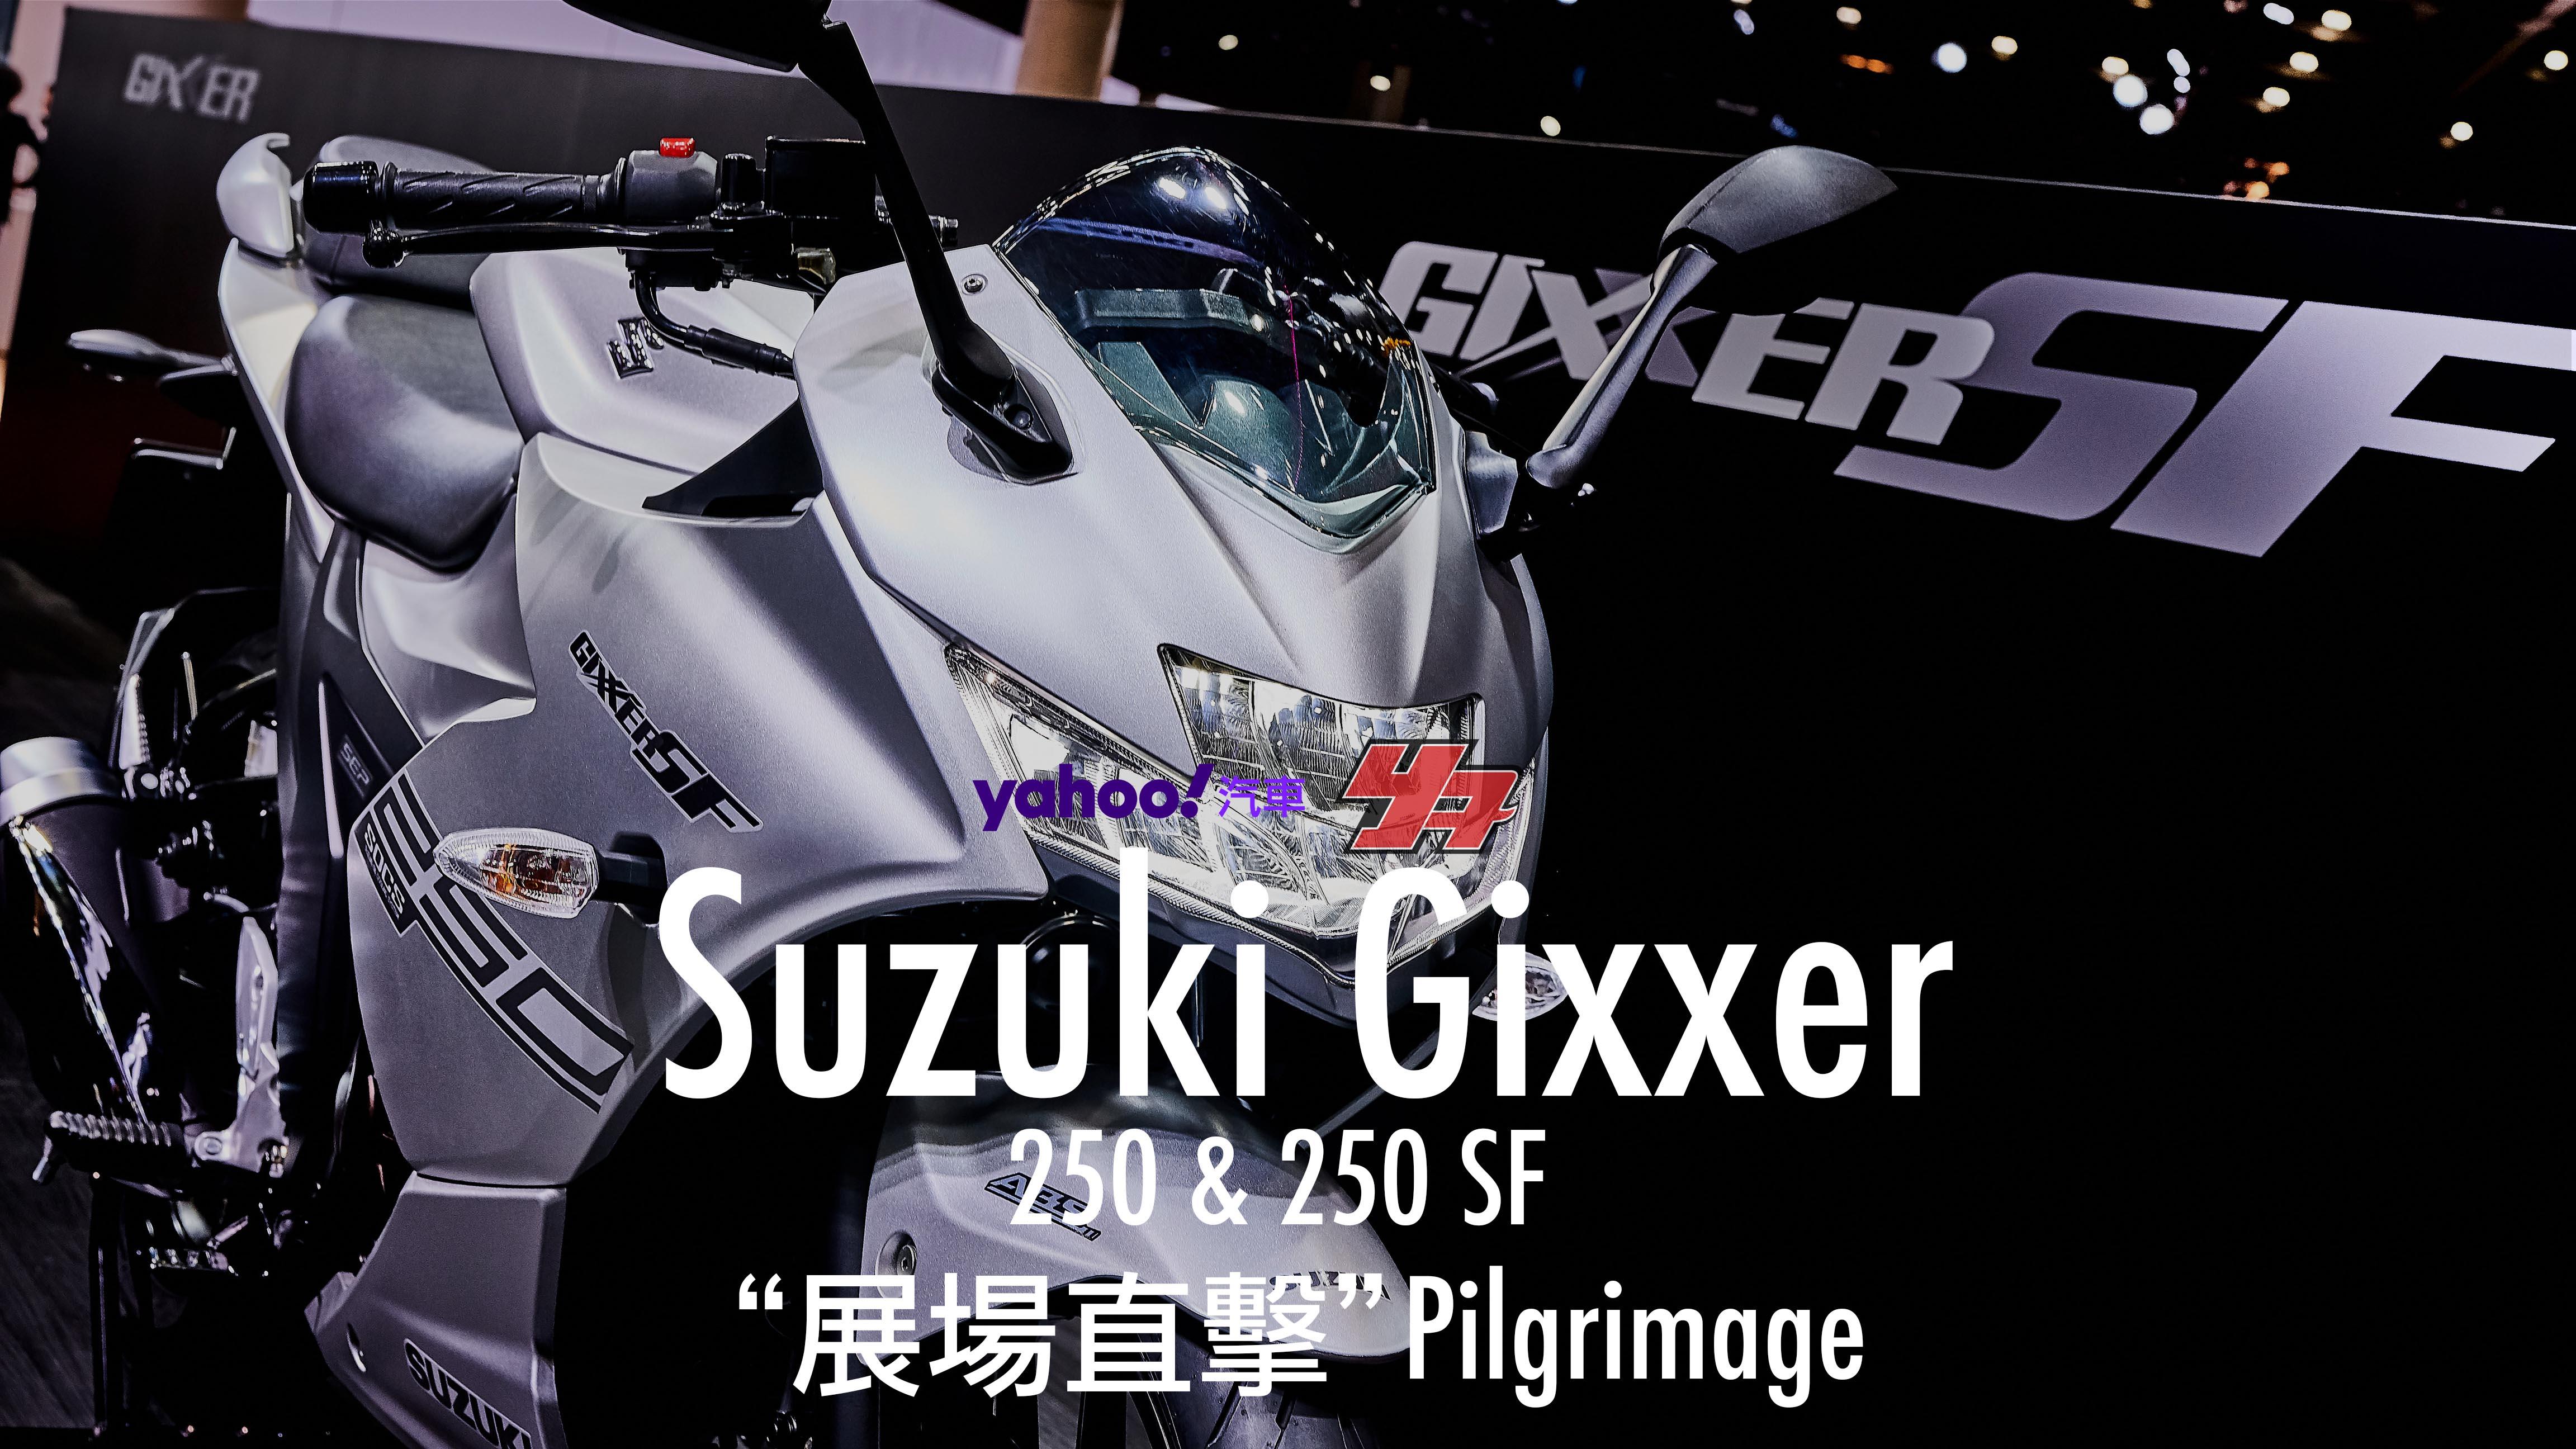 【東京車展直擊】印製雙脇差駕到!Suzuki逆輸入Gixxer 250雙車型正式發表!